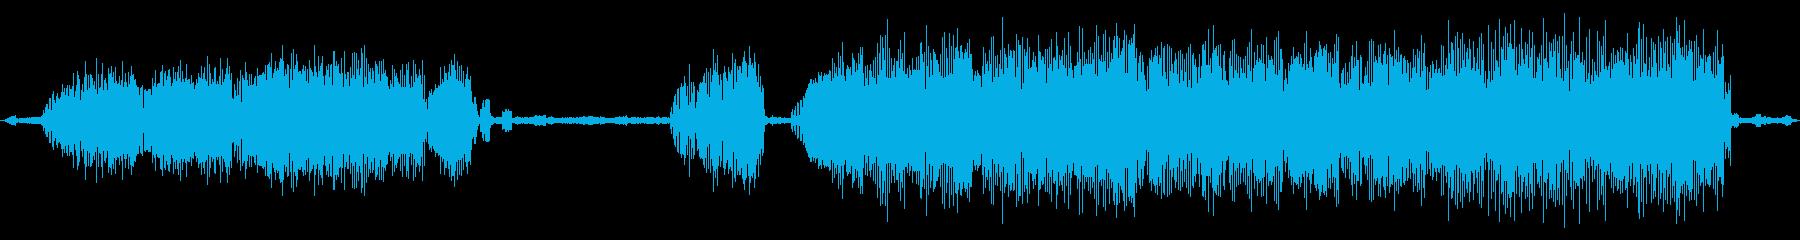 環境音 ウォーターホールナイトバー...の再生済みの波形